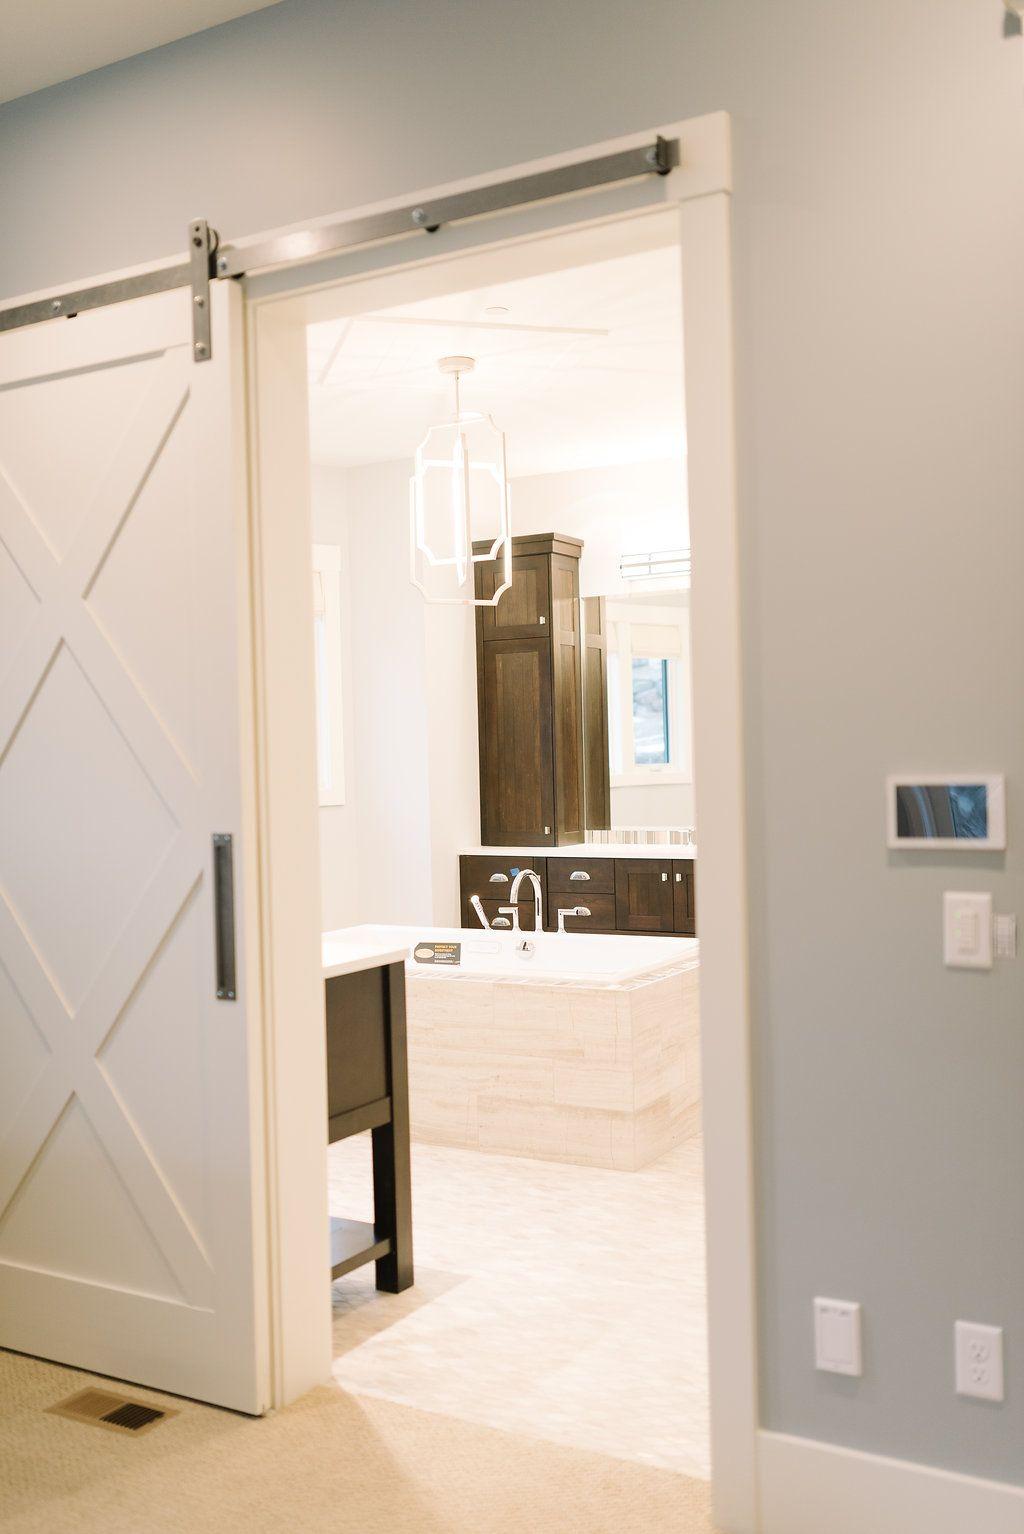 Master bedroom ensuite design  bathroom door  Master Bedroom  Pinterest  Barn doors Barn and Doors